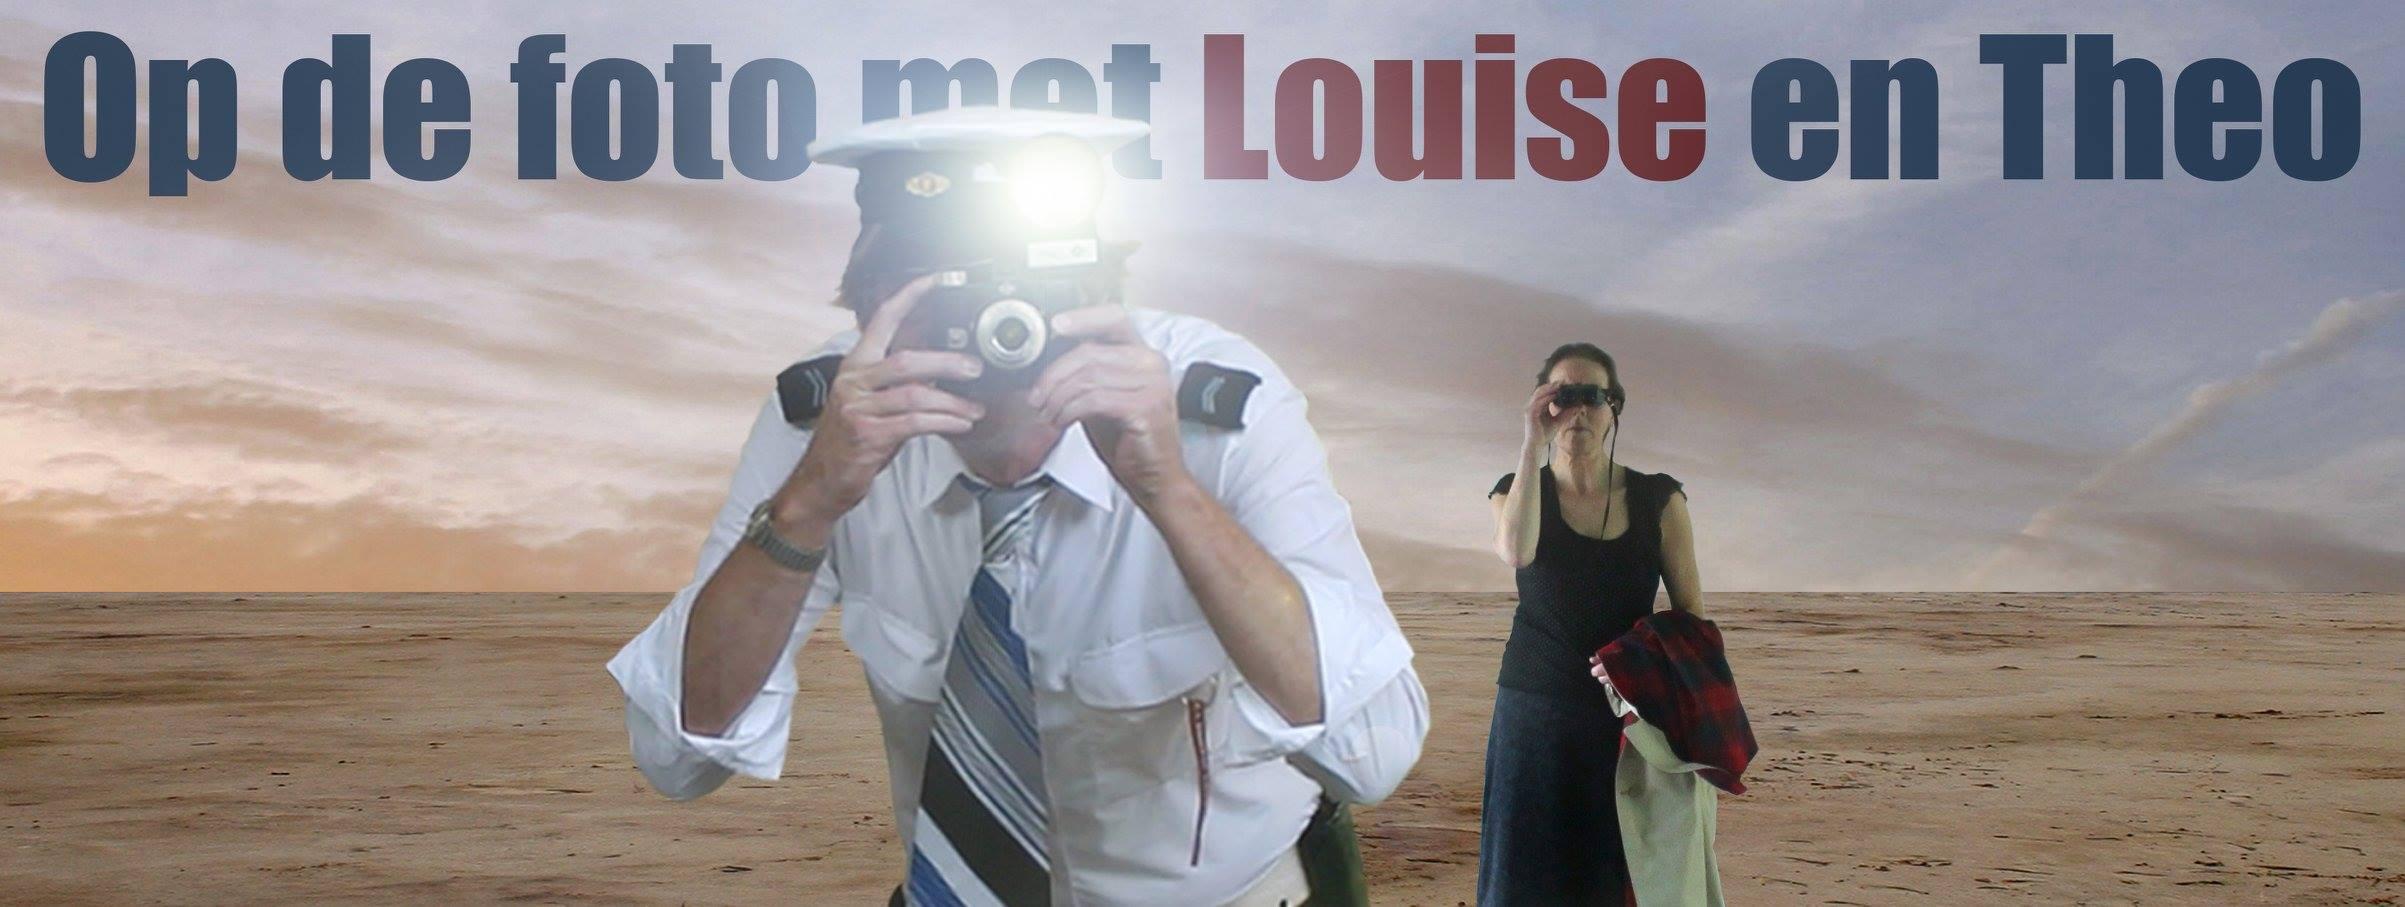 Op de foto met Louise en Theo